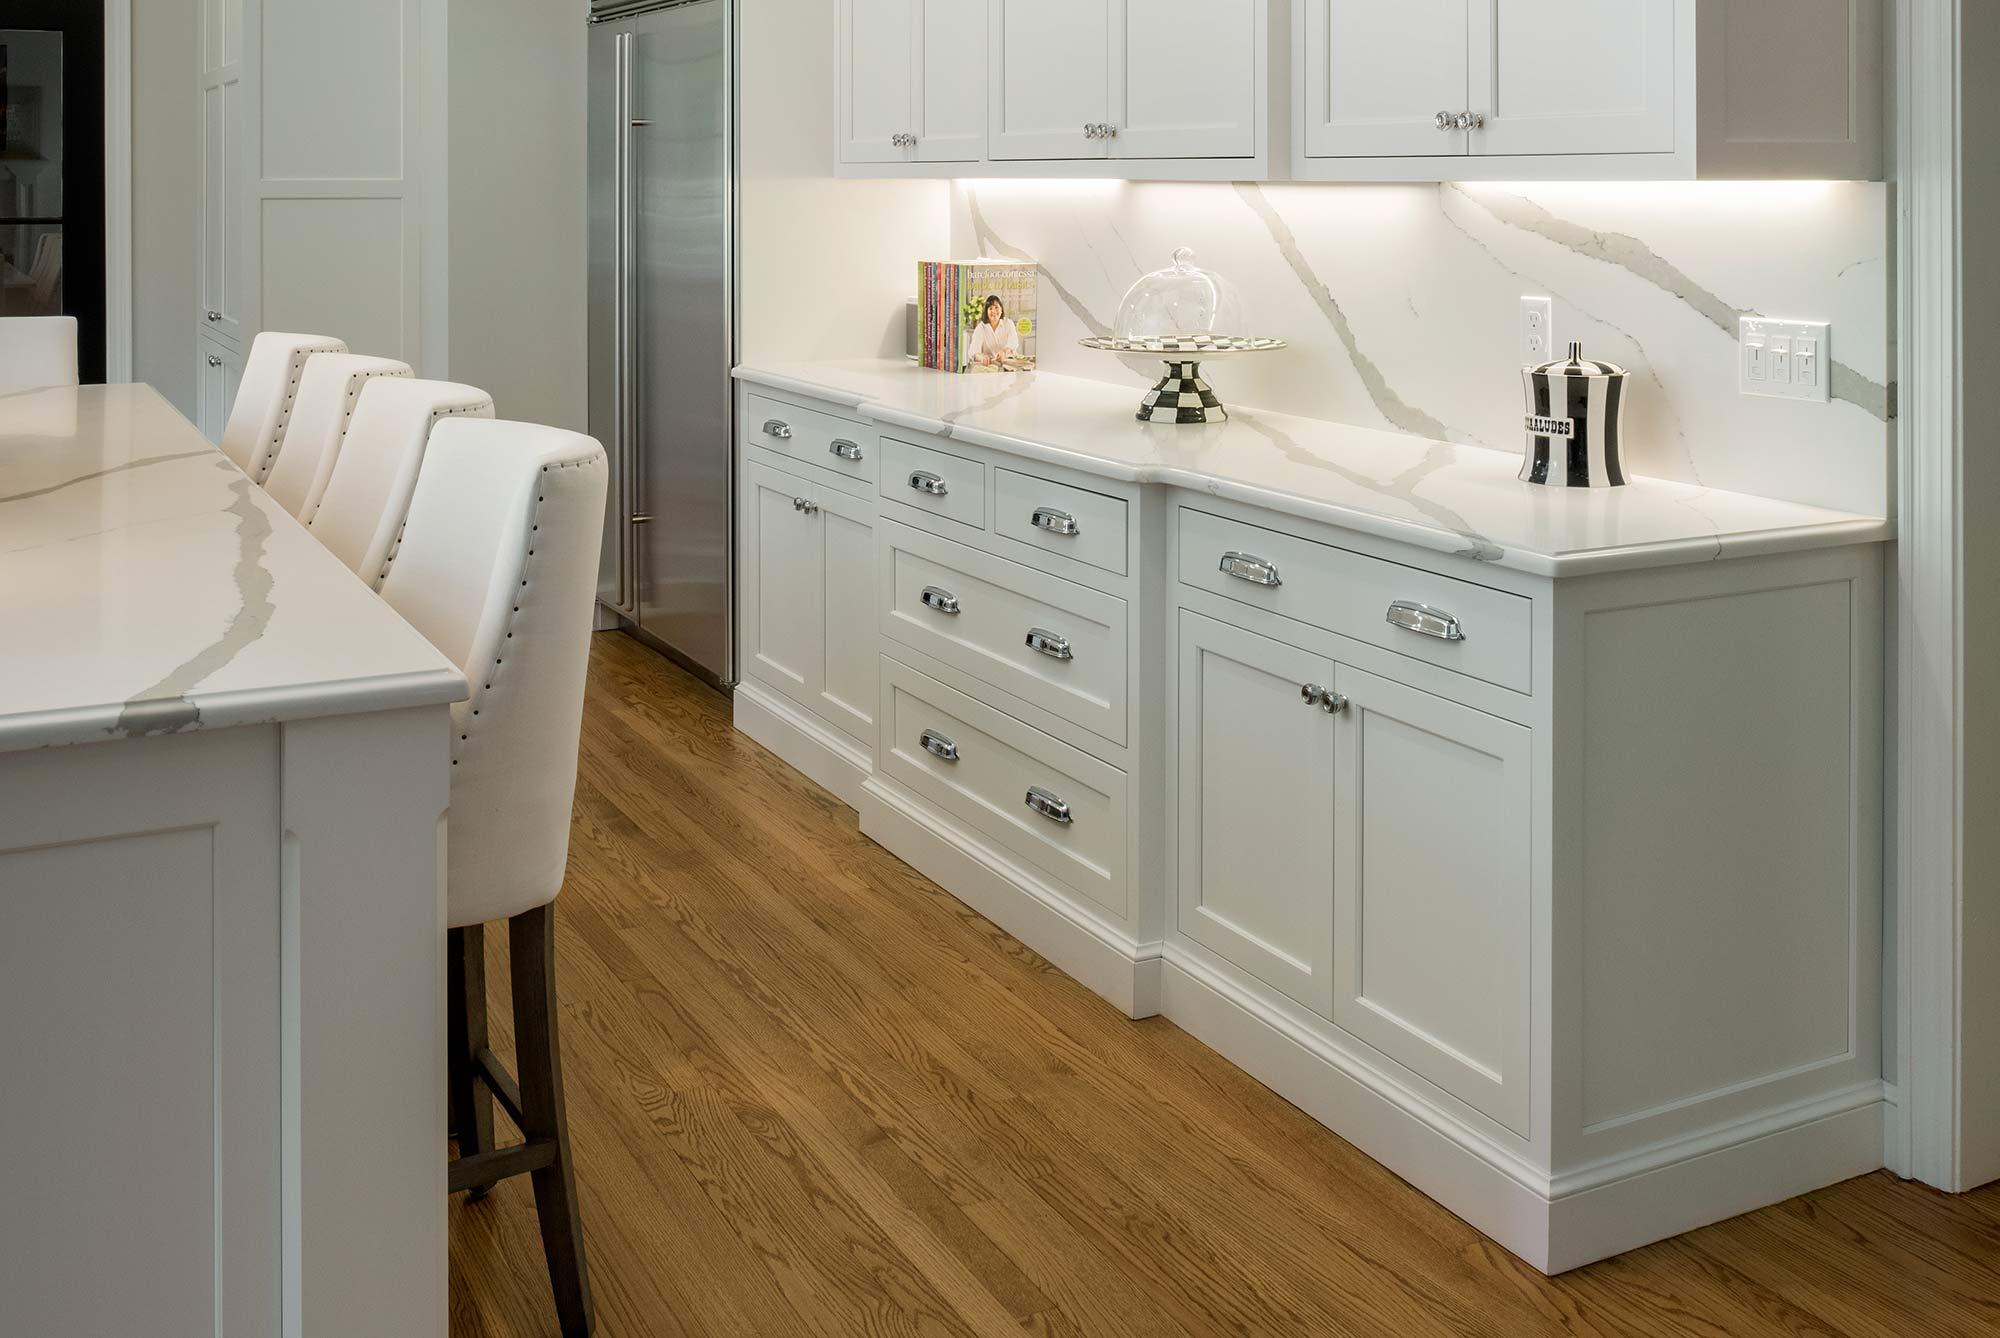 Calore Kitchen Cabinet